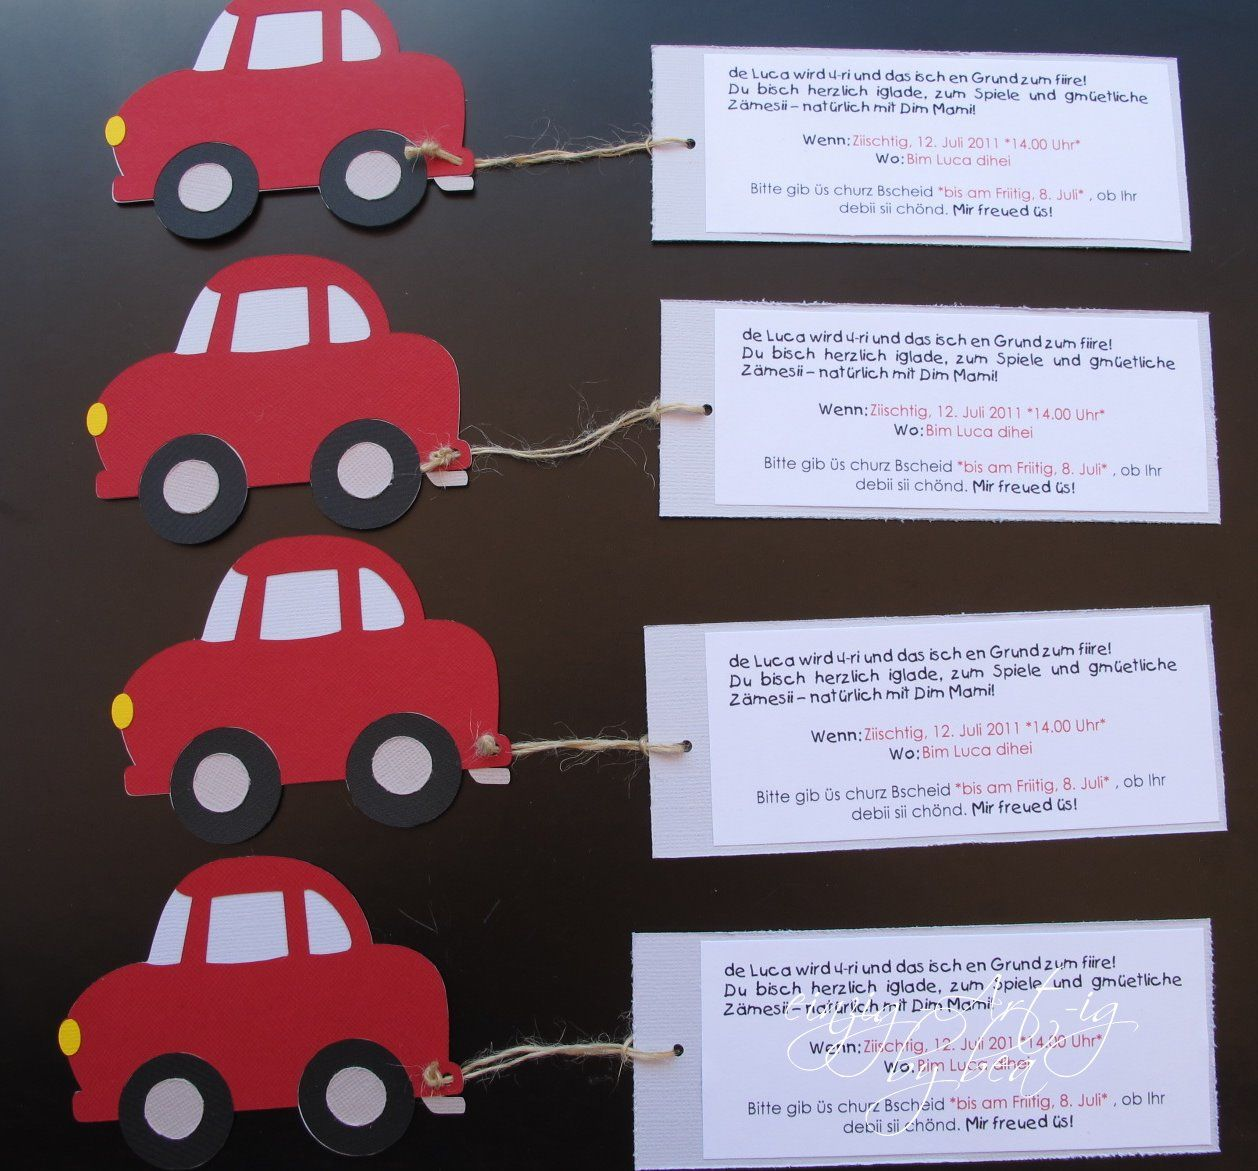 marvelous einladungskarten kindergeburtstag cars #1: Bildergebnis für einladungskarte kindergeburtstag jungs basteln 8